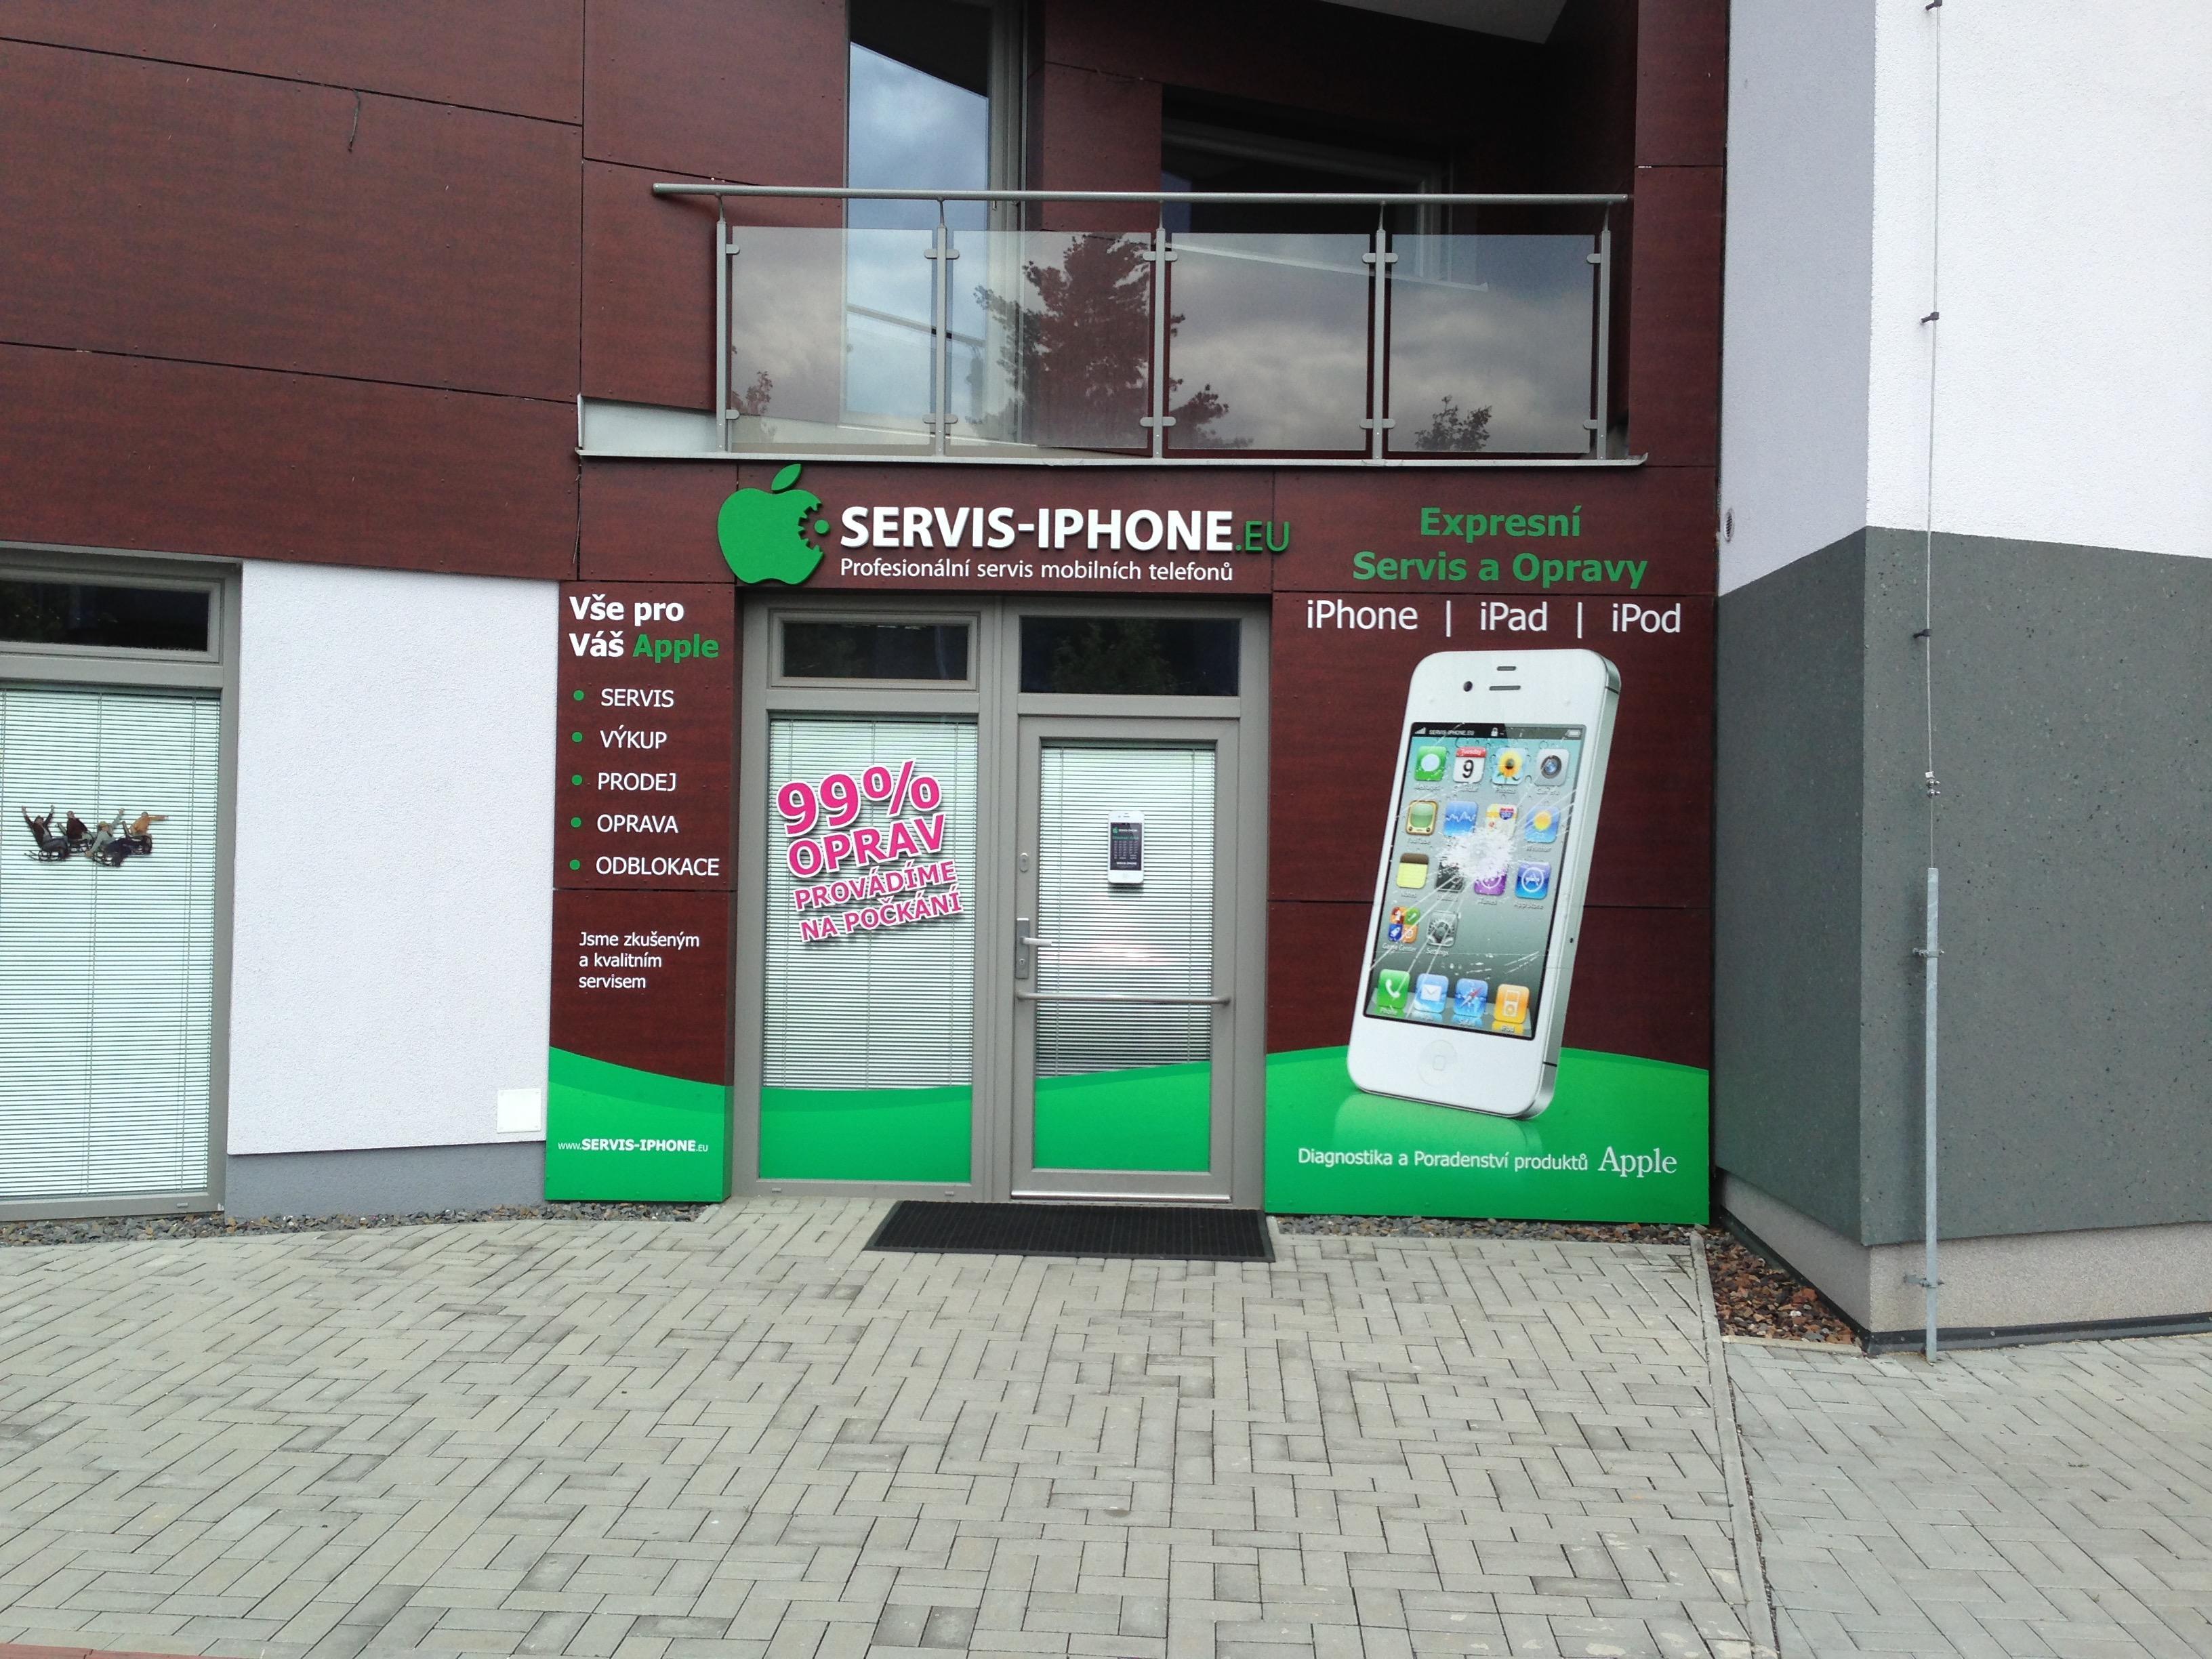 Servis iPhone.eu - iPad a iPod servis - fotografie 2/2